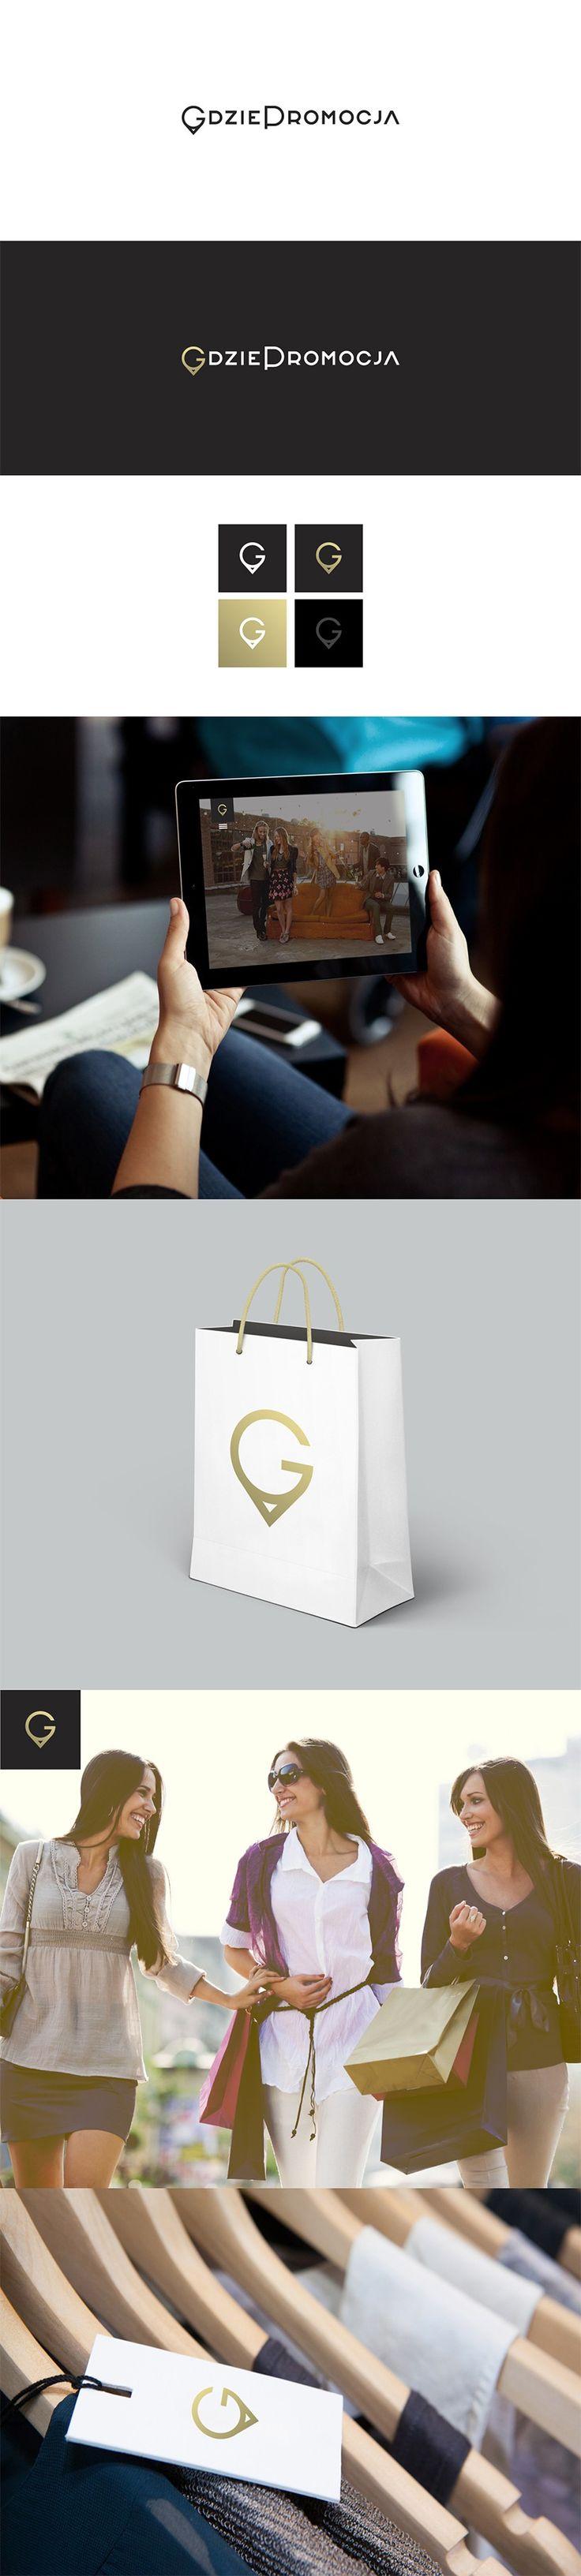 GdziePromocja brand identity